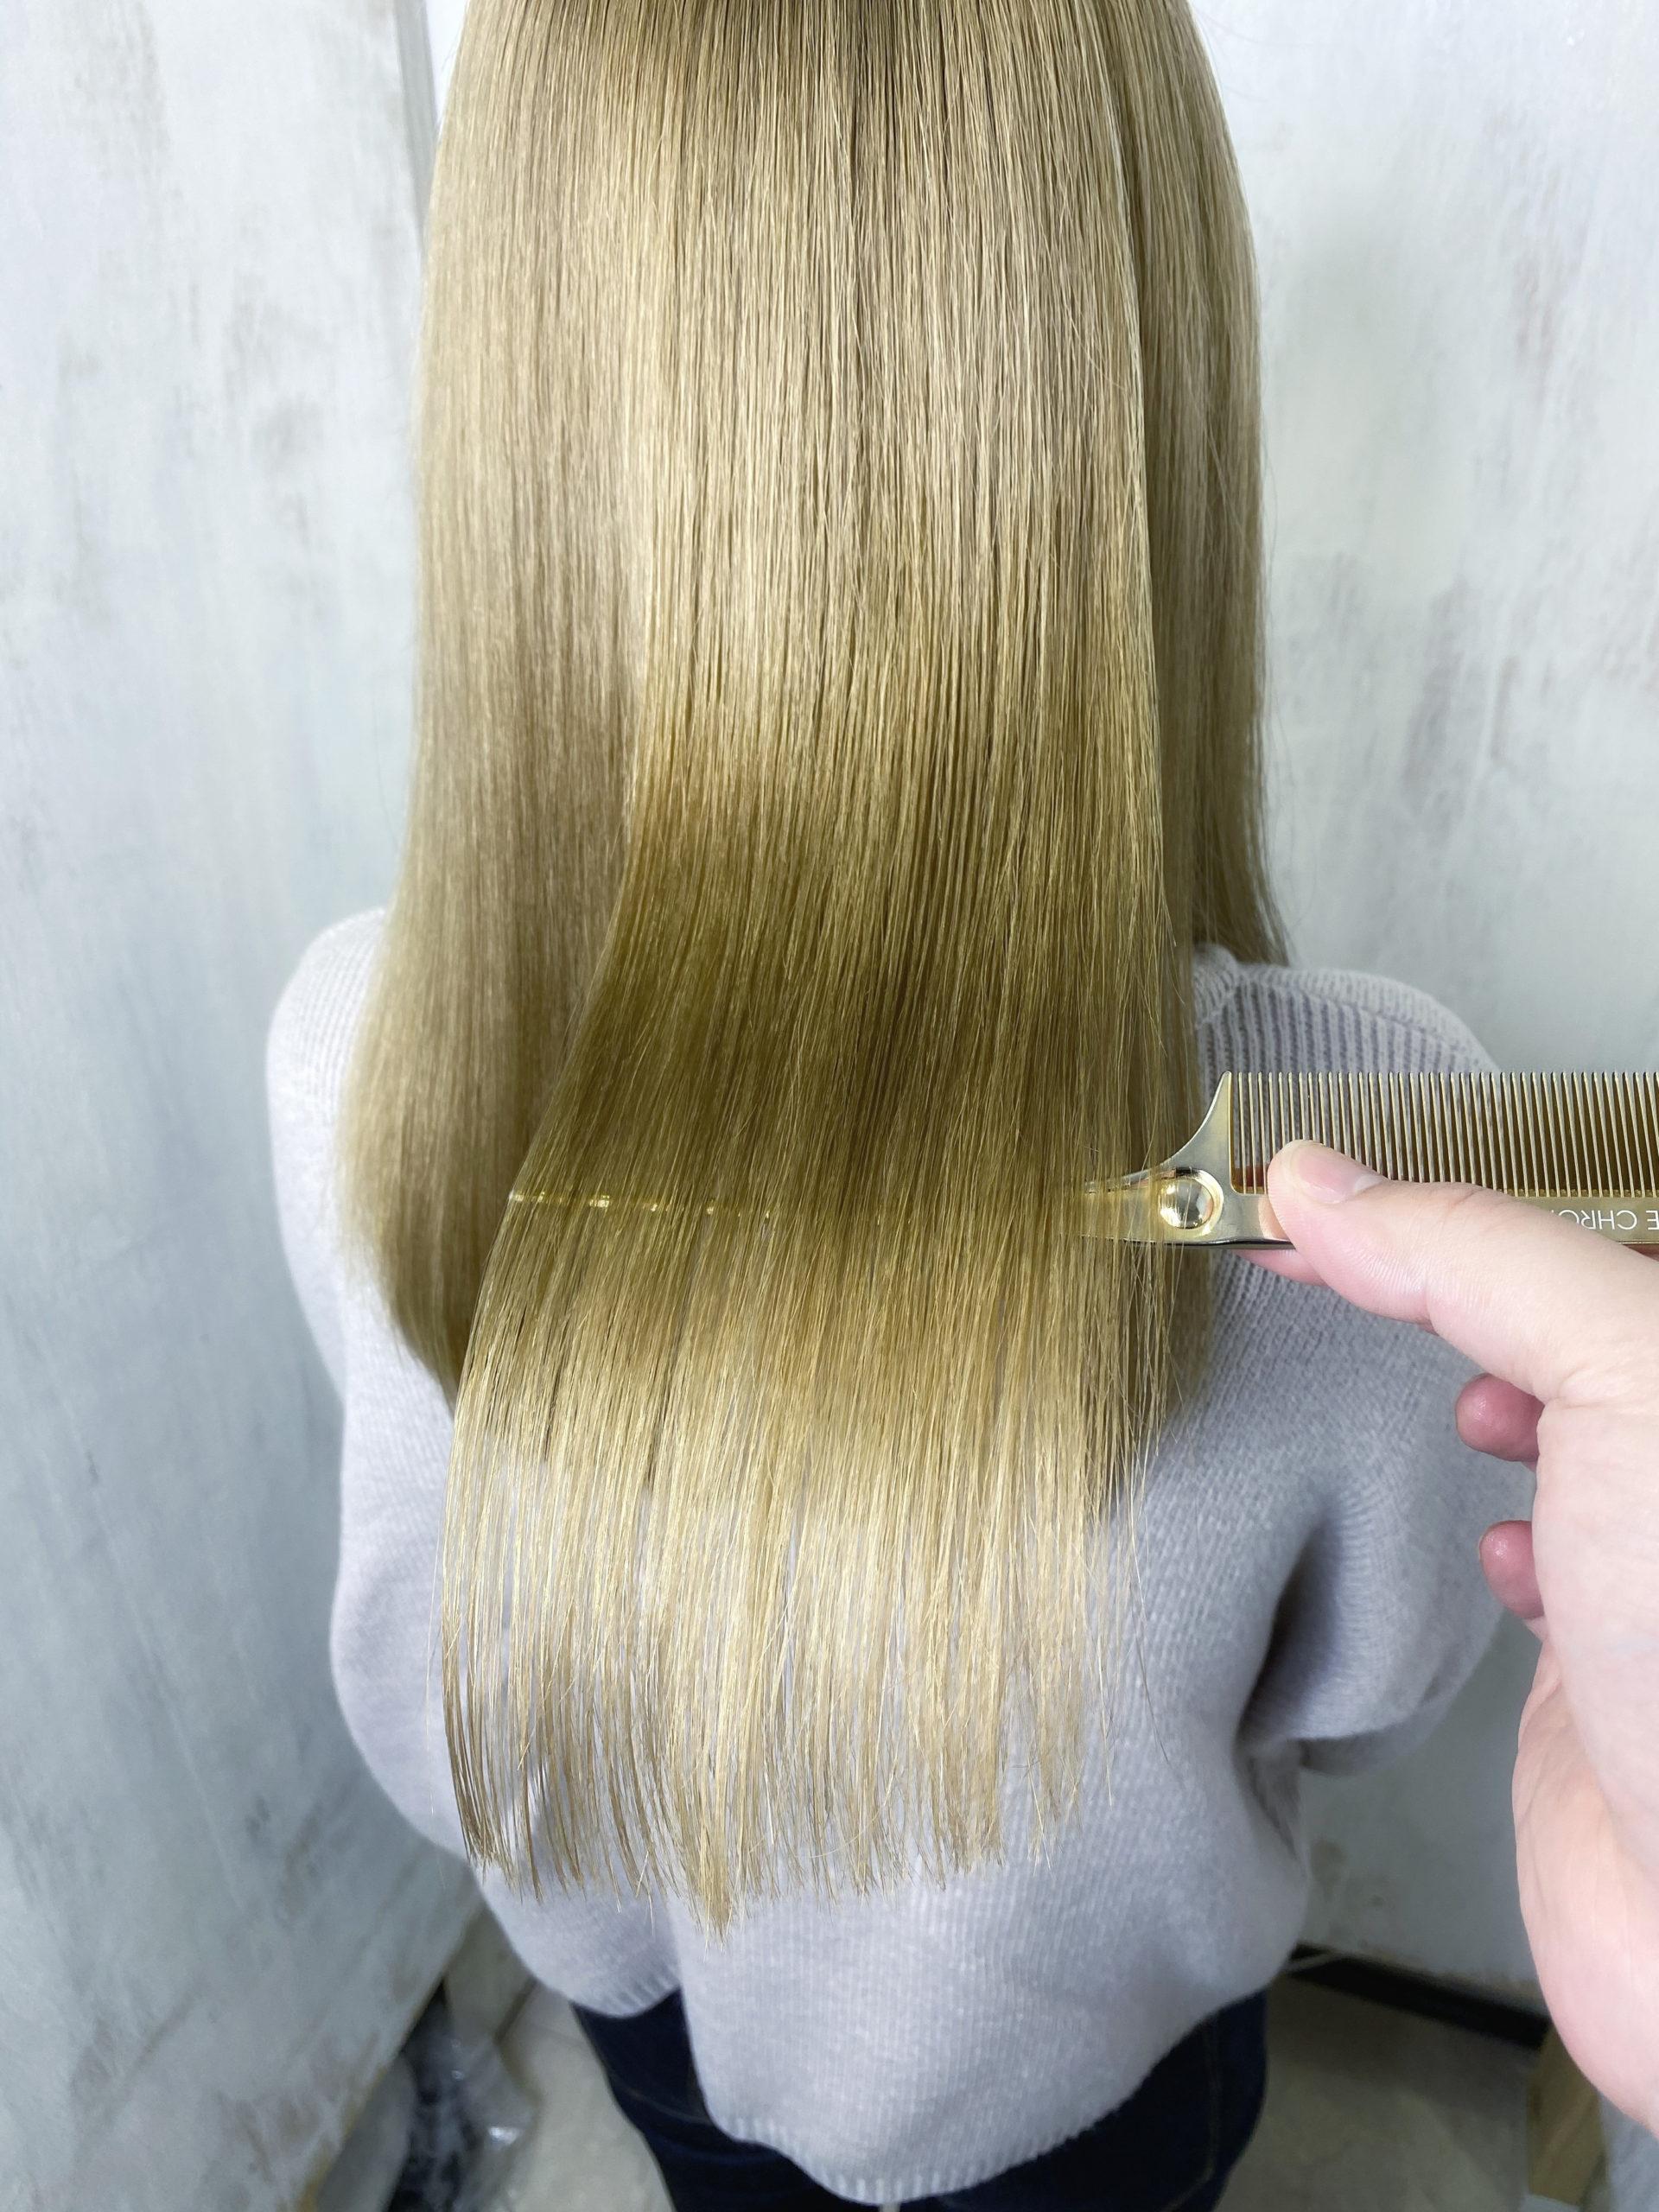 ブリーチ毛の縮毛矯正をジュエリーシステムシリーズで艶髪。原宿・表参道『髪のお悩みを解決するヘアケア美容師の挑戦』